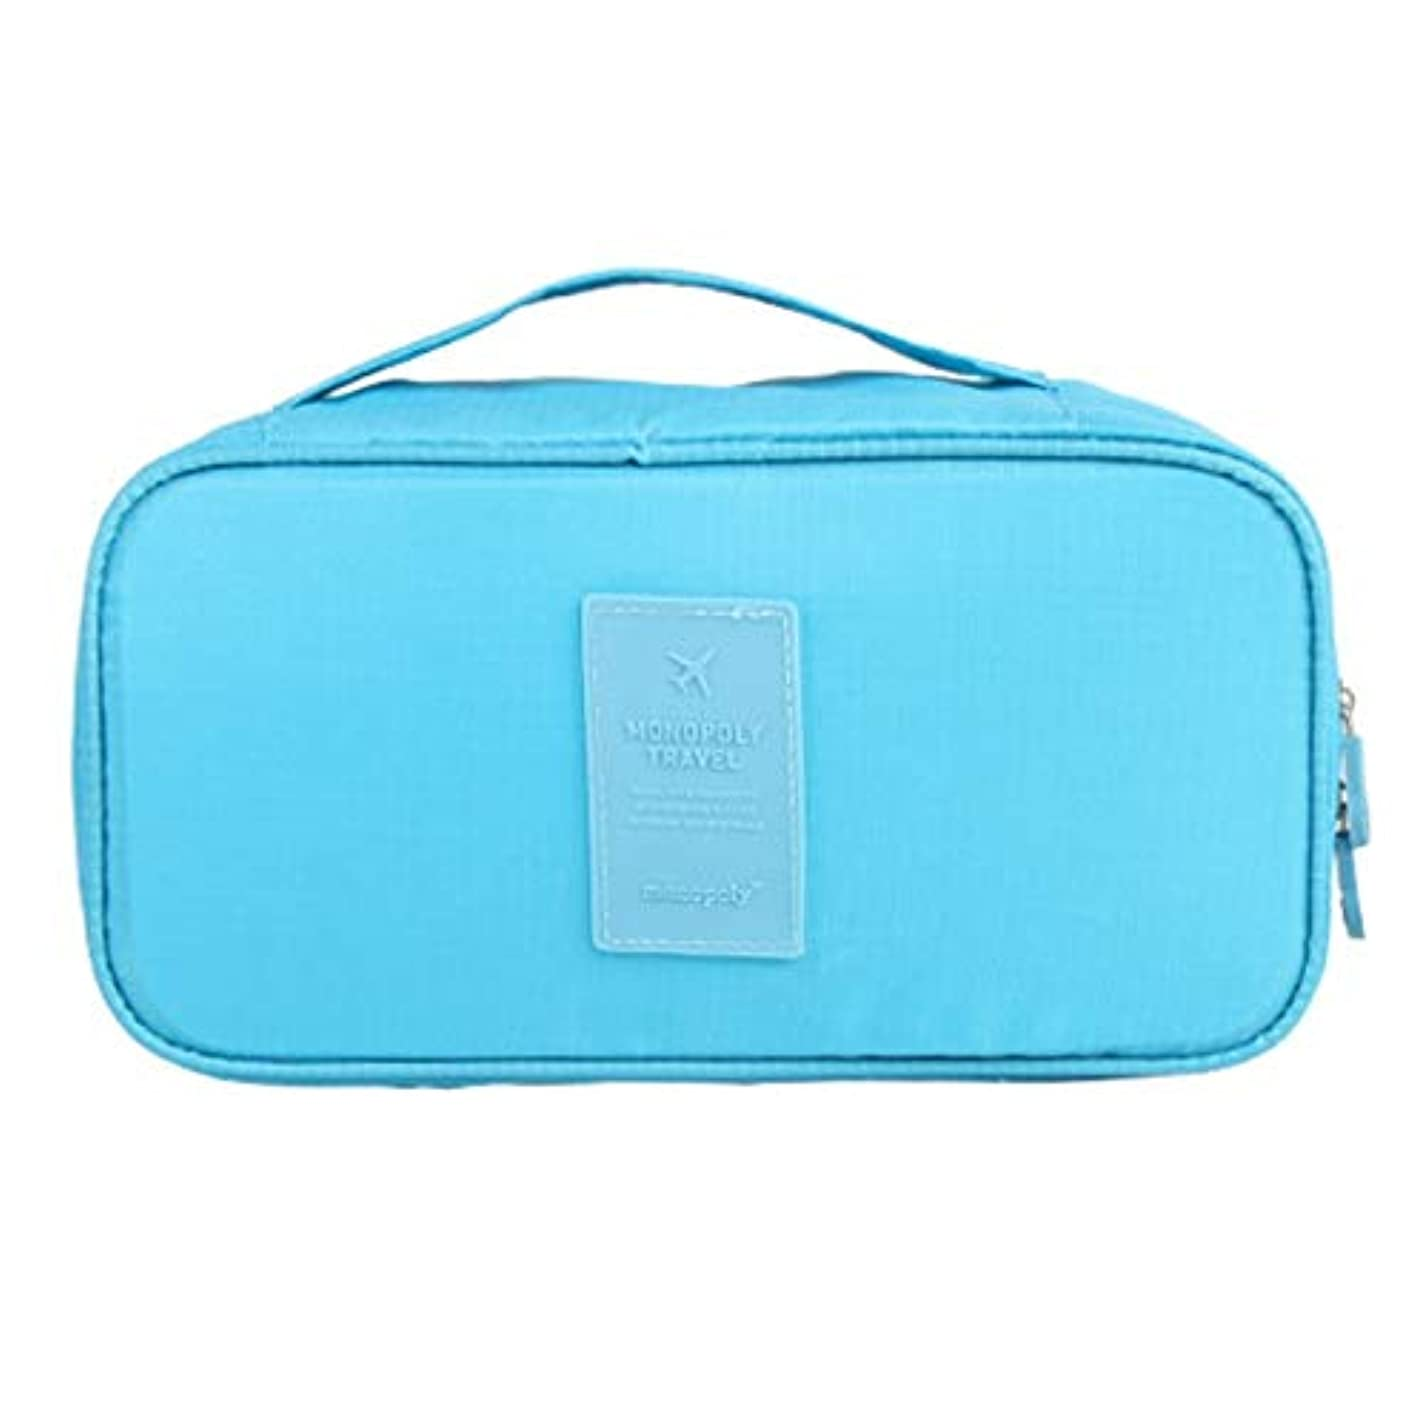 時刻表カルシウム印象的化粧オーガナイザーバッグ 旅行用品旅行用シェービングヘアバッグ 化粧品ケース (色 : 青)